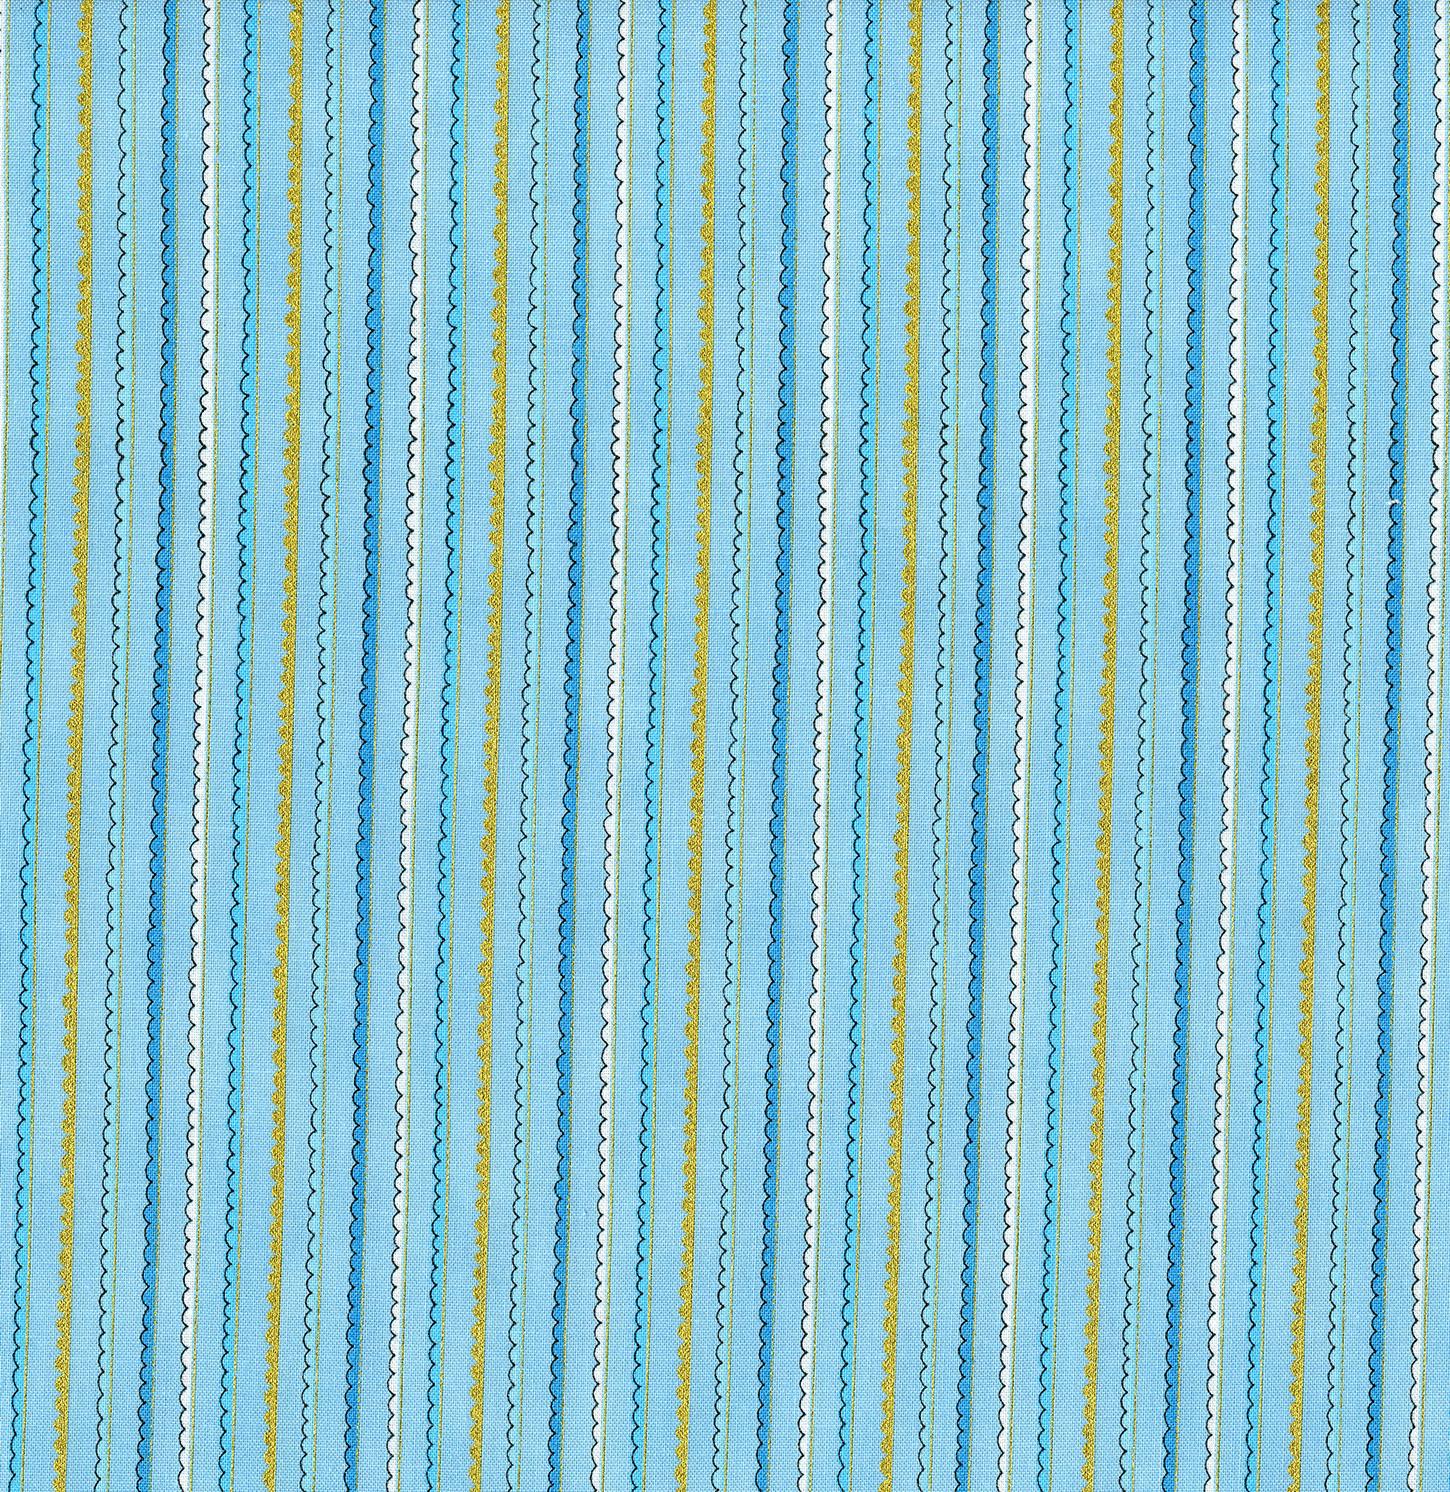 3381-003 DOODLE STRIPES-BLUE